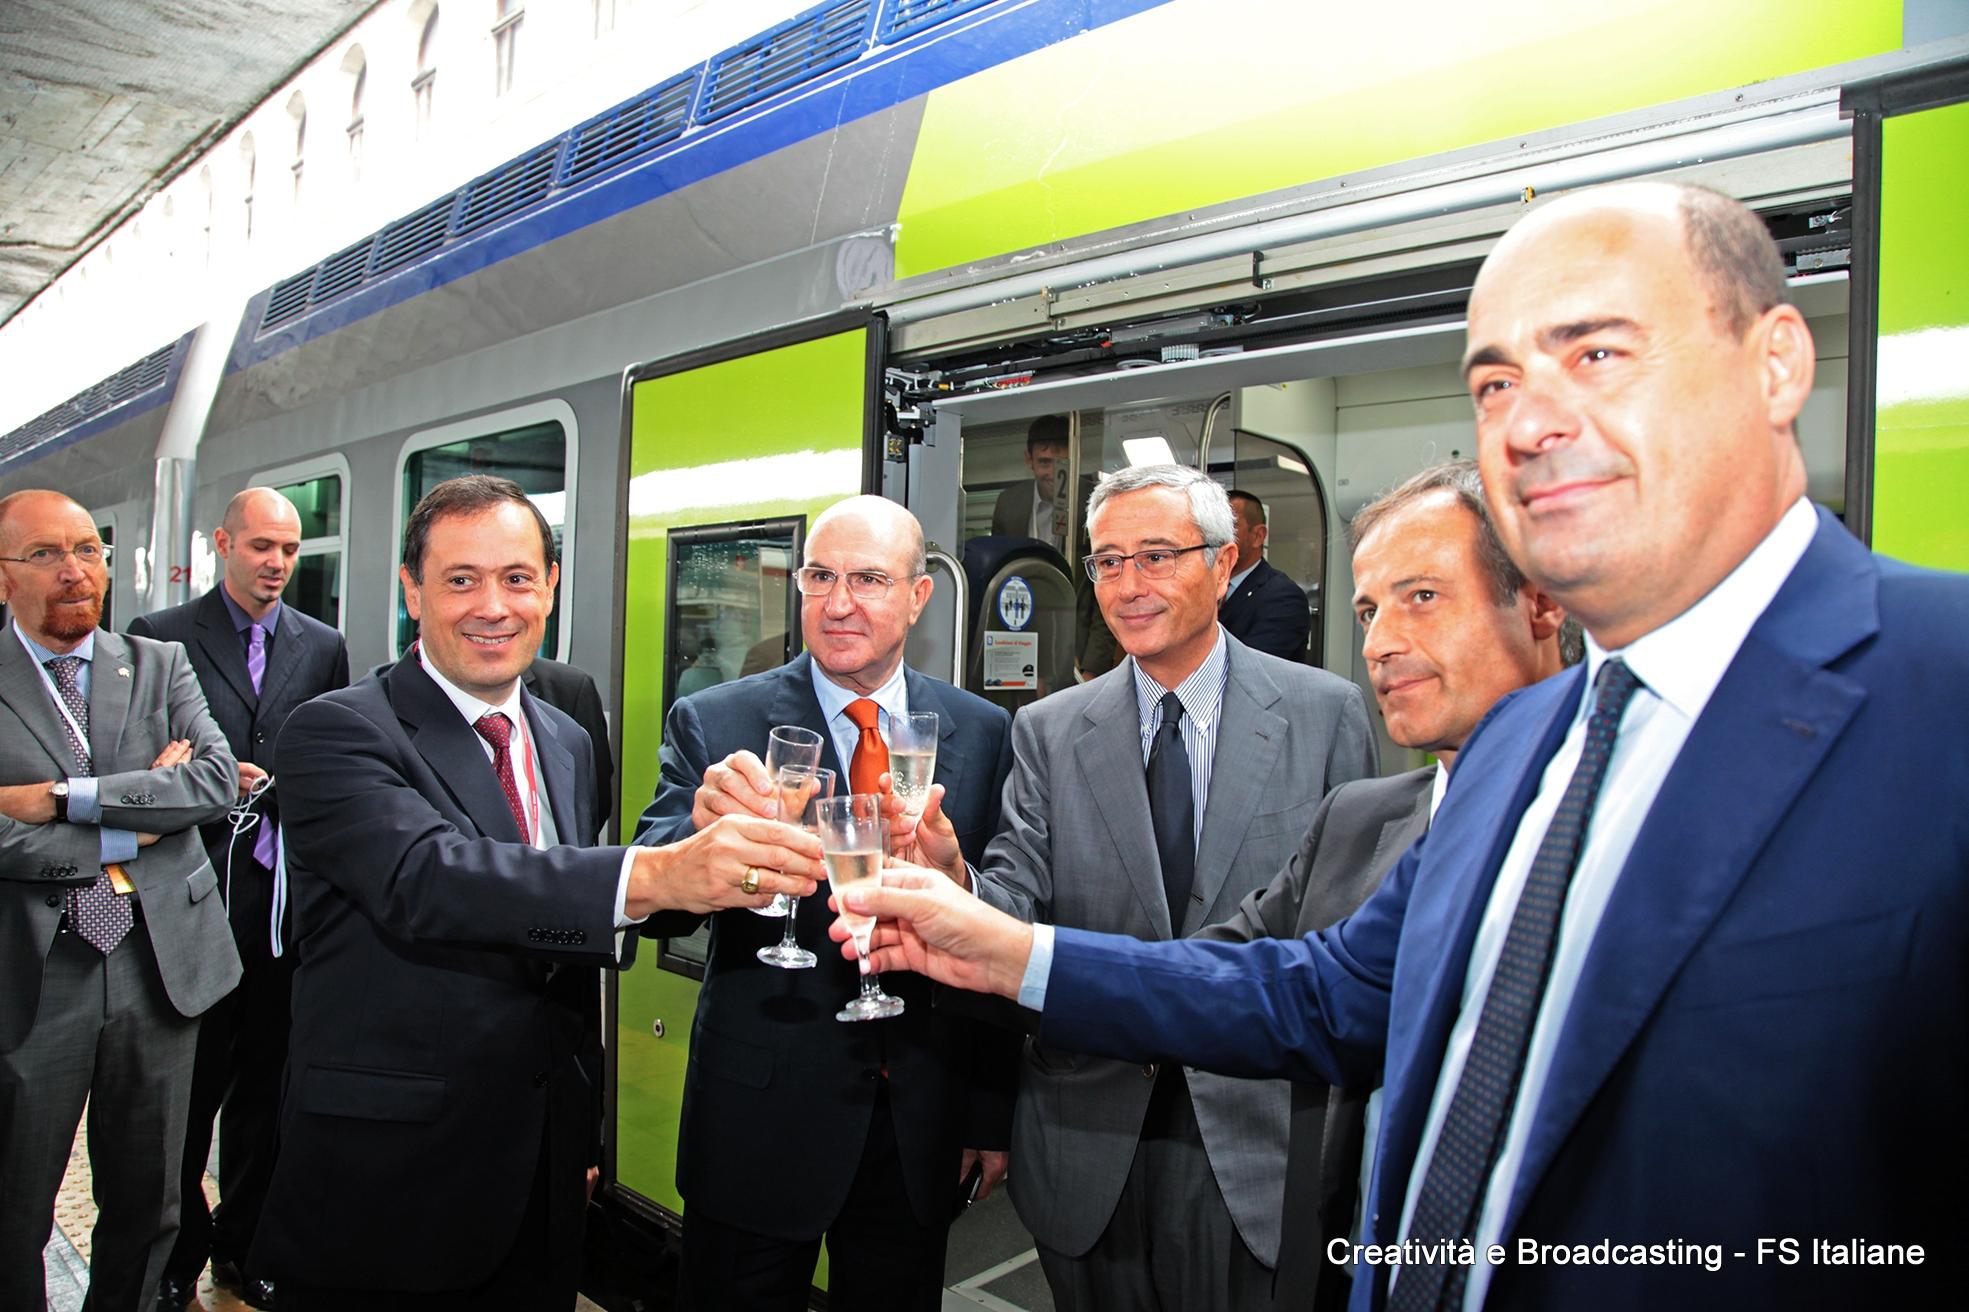 Brindisi nuovo Vivalto Regione Lazio - Foto Gruppo Ferrovie dello Stato Italiane